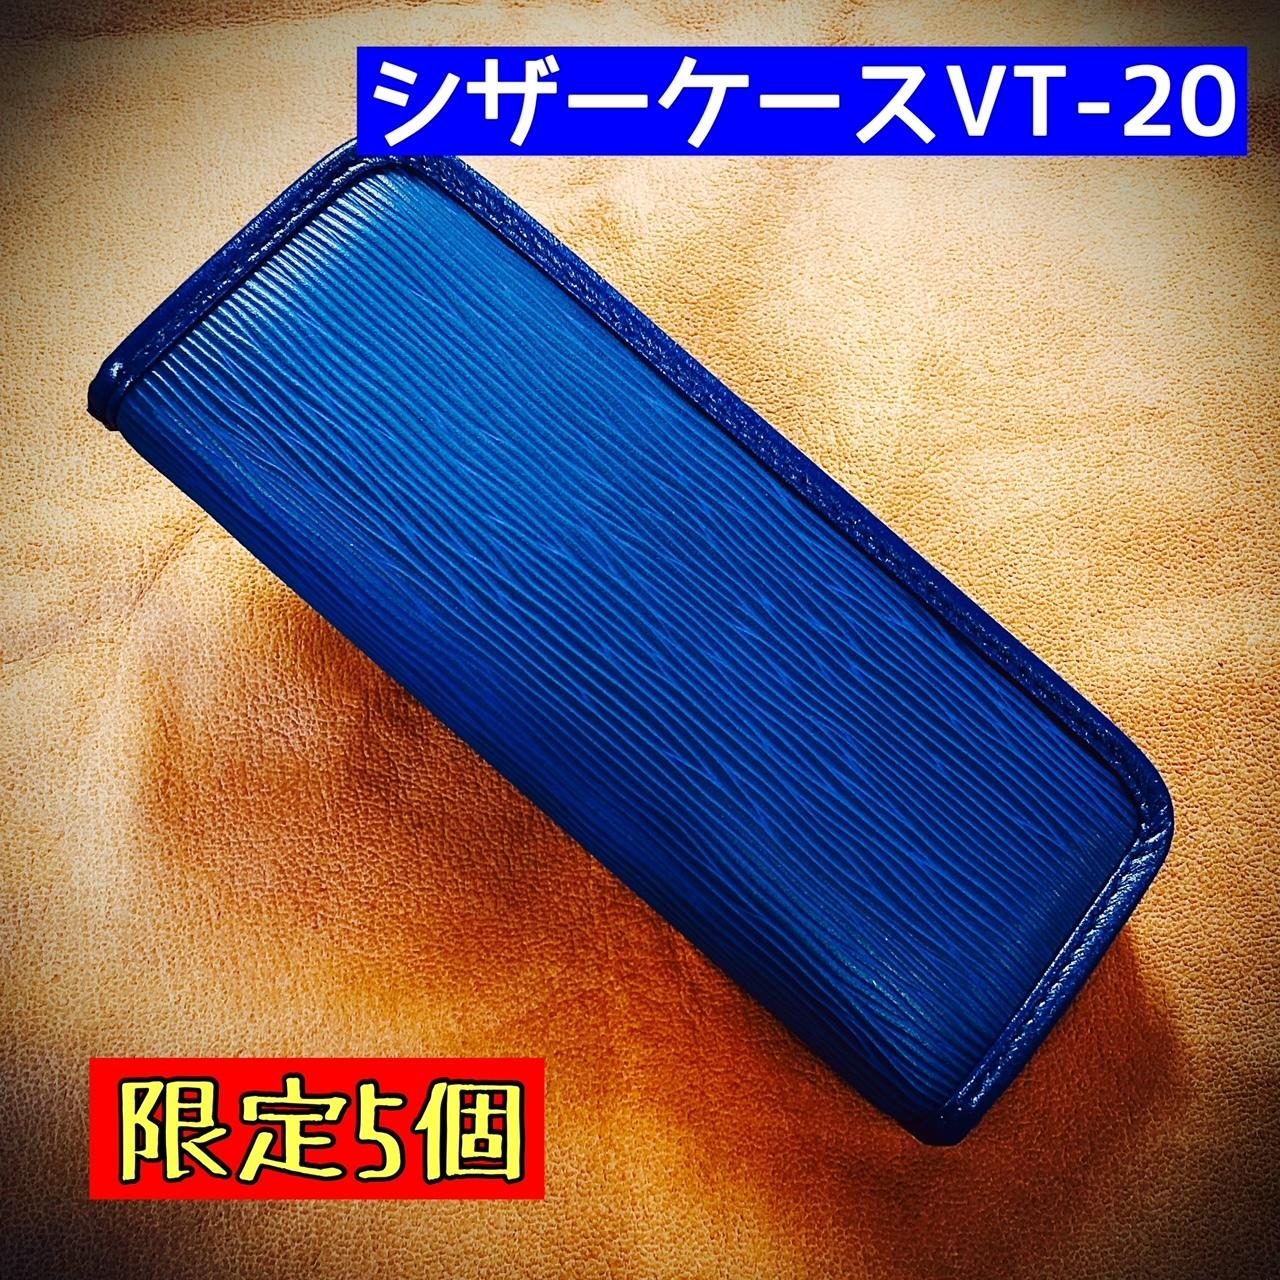 シザーケース VT-20  (BLUE)